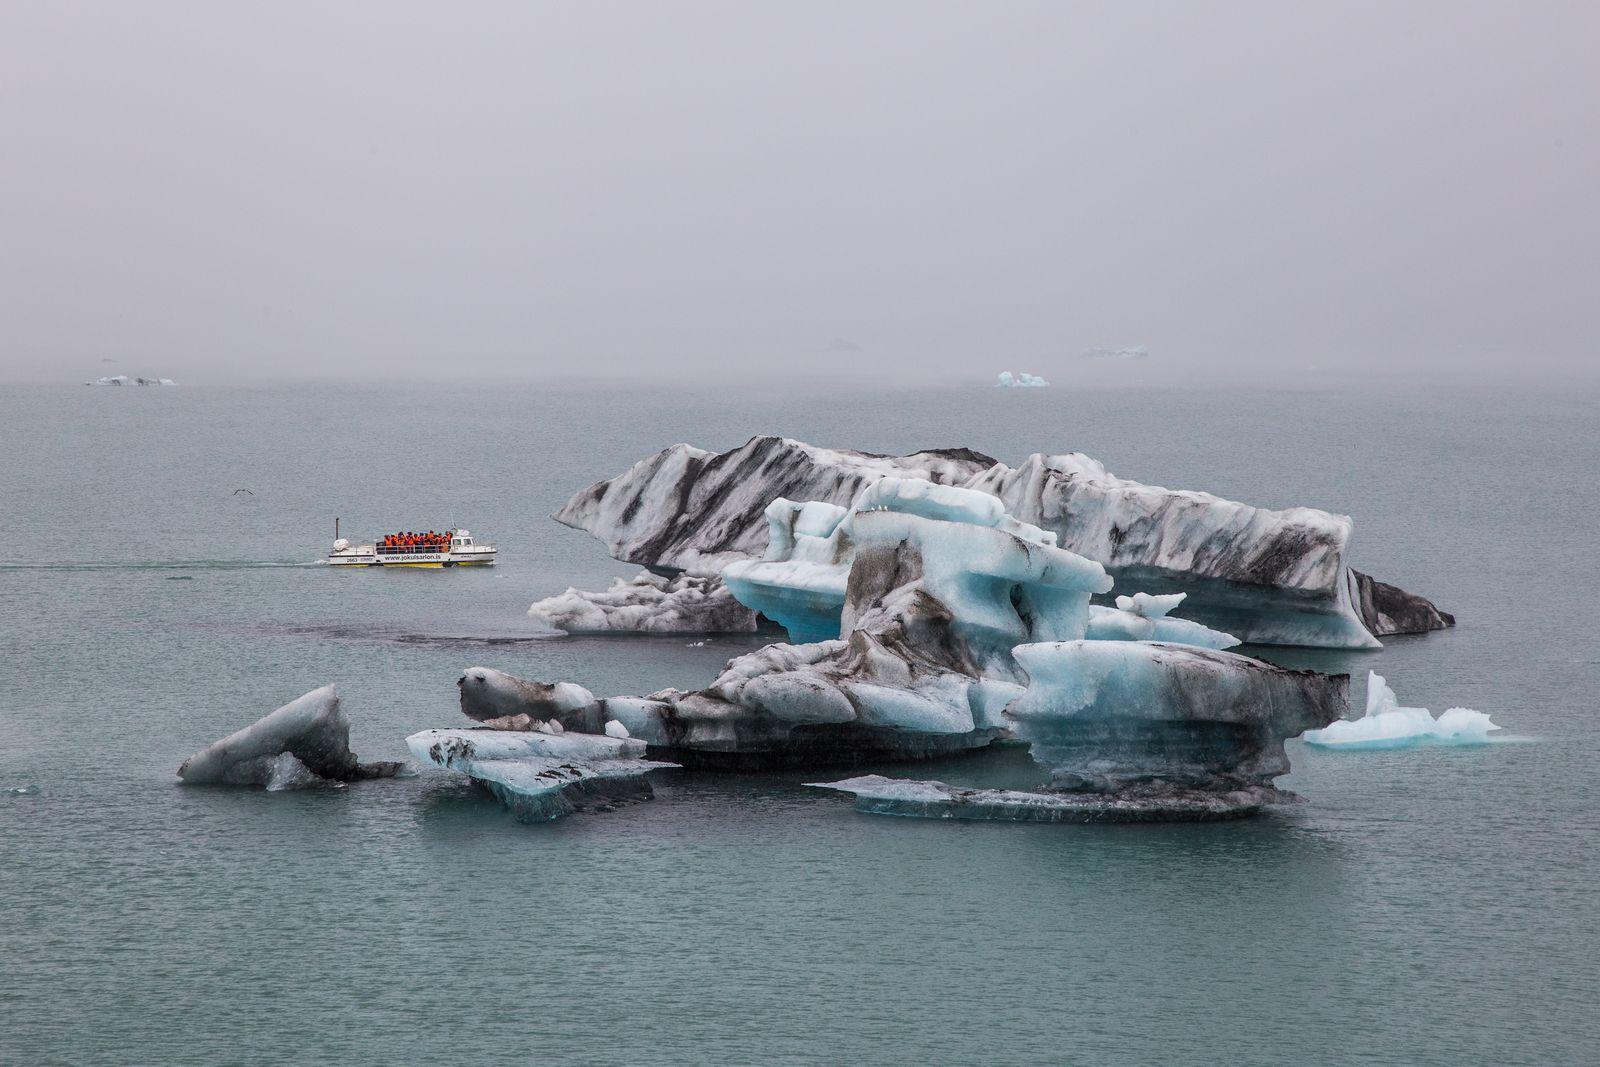 Barcos entre el hielo